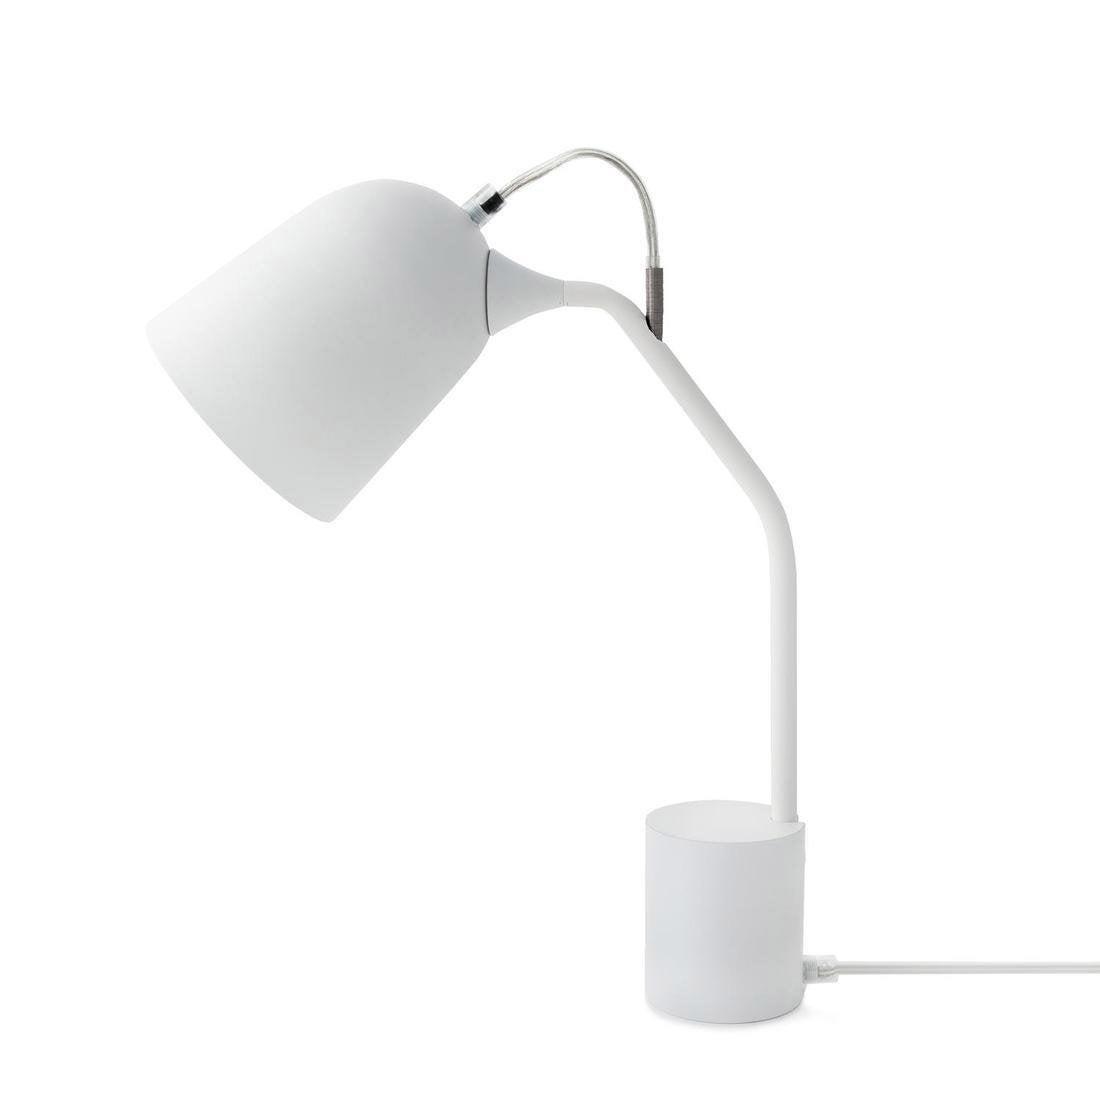 Lampe, e14 Magnétic orientable LO EDITIONS, métal blanc, 11 W